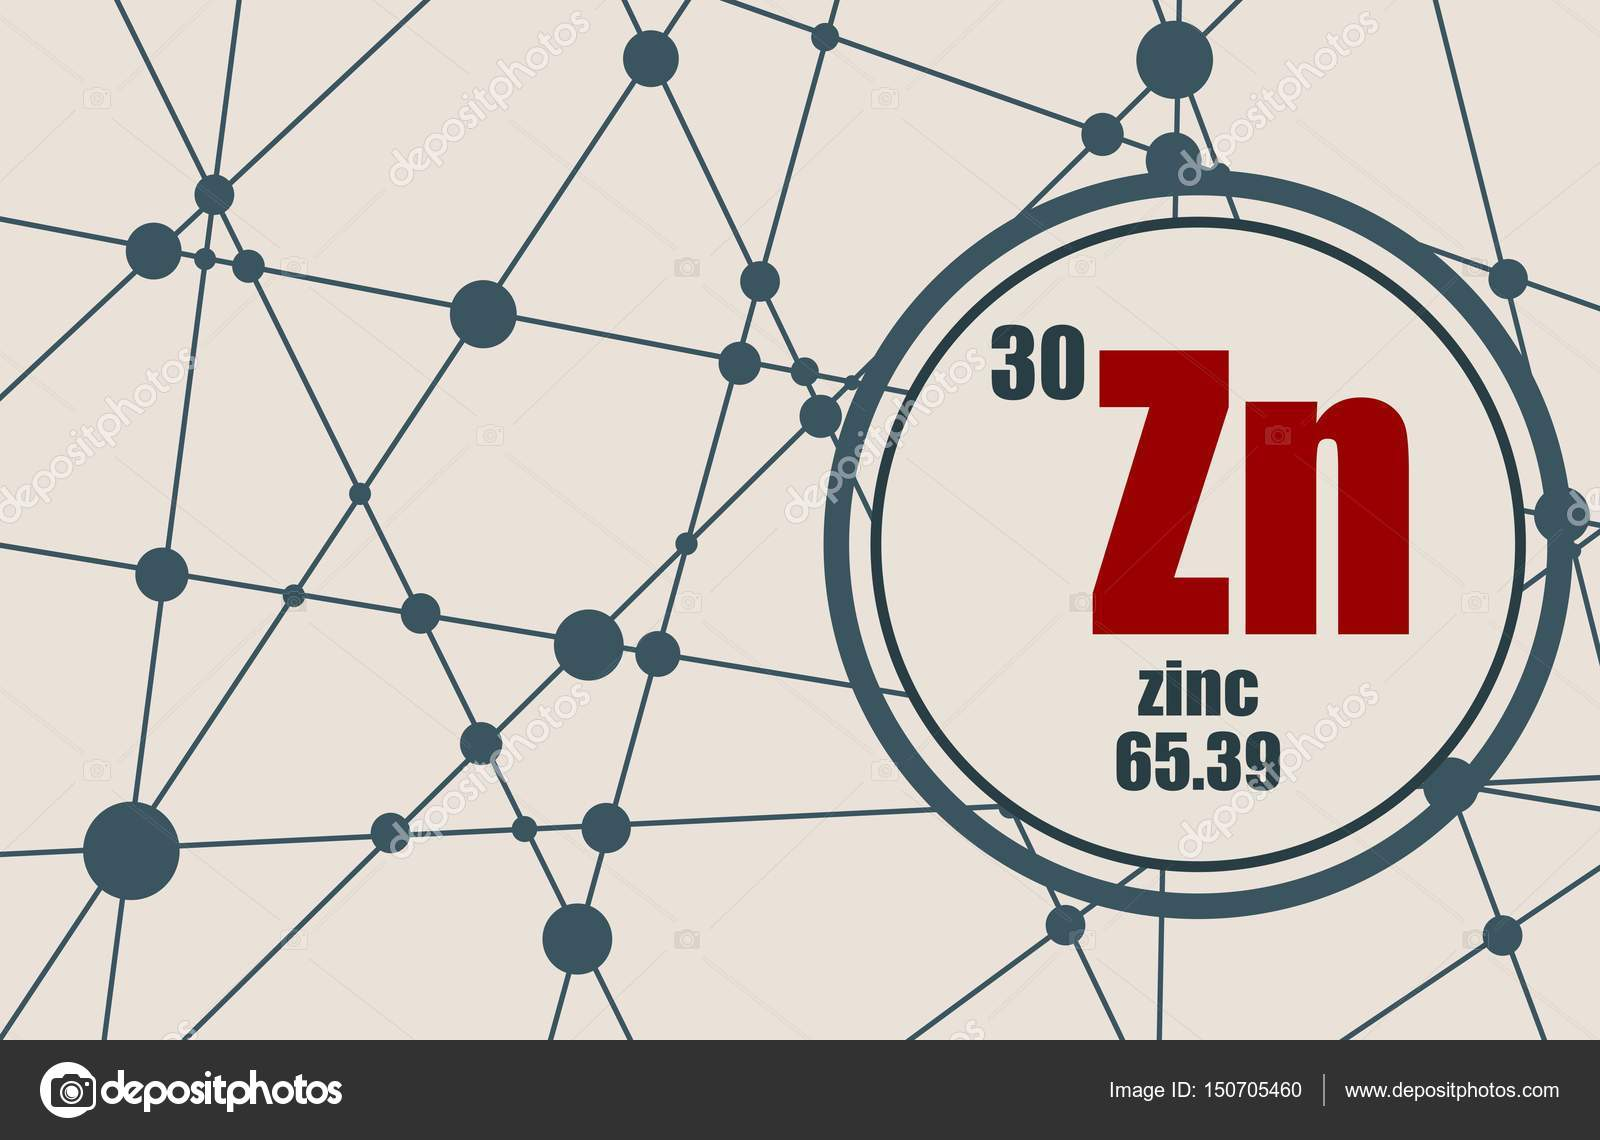 Elemento qumico del cinc vector de stock jegasra 150705460 elemento qumico del zinc firmar con el nmero atmico y peso atmico elemento qumico de tabla peridica molcula y el fondo de la comunicacin urtaz Images